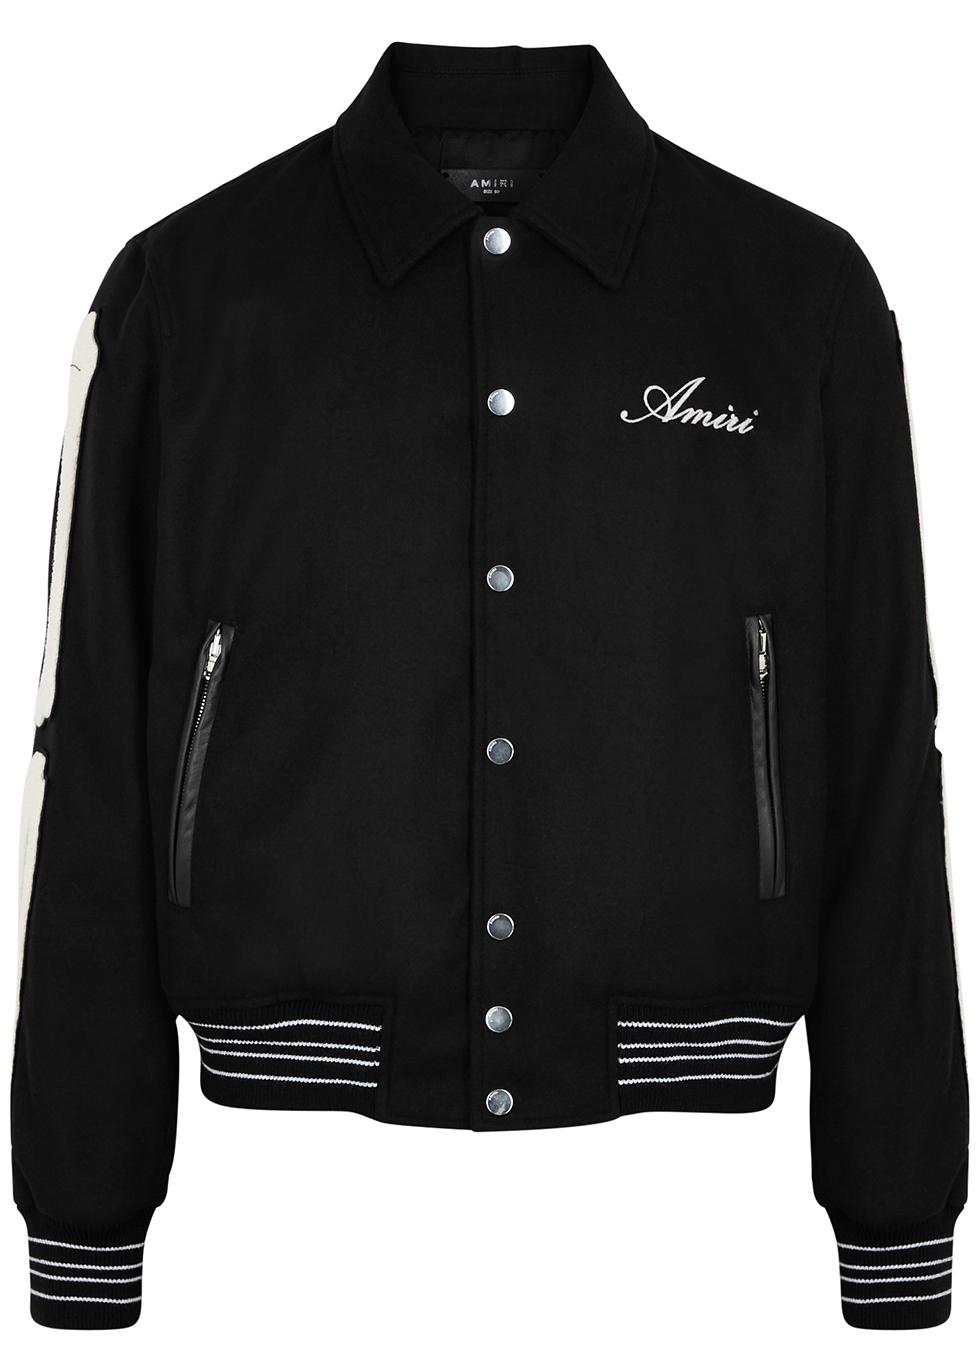 Bones appliquéd felt bomber jacket